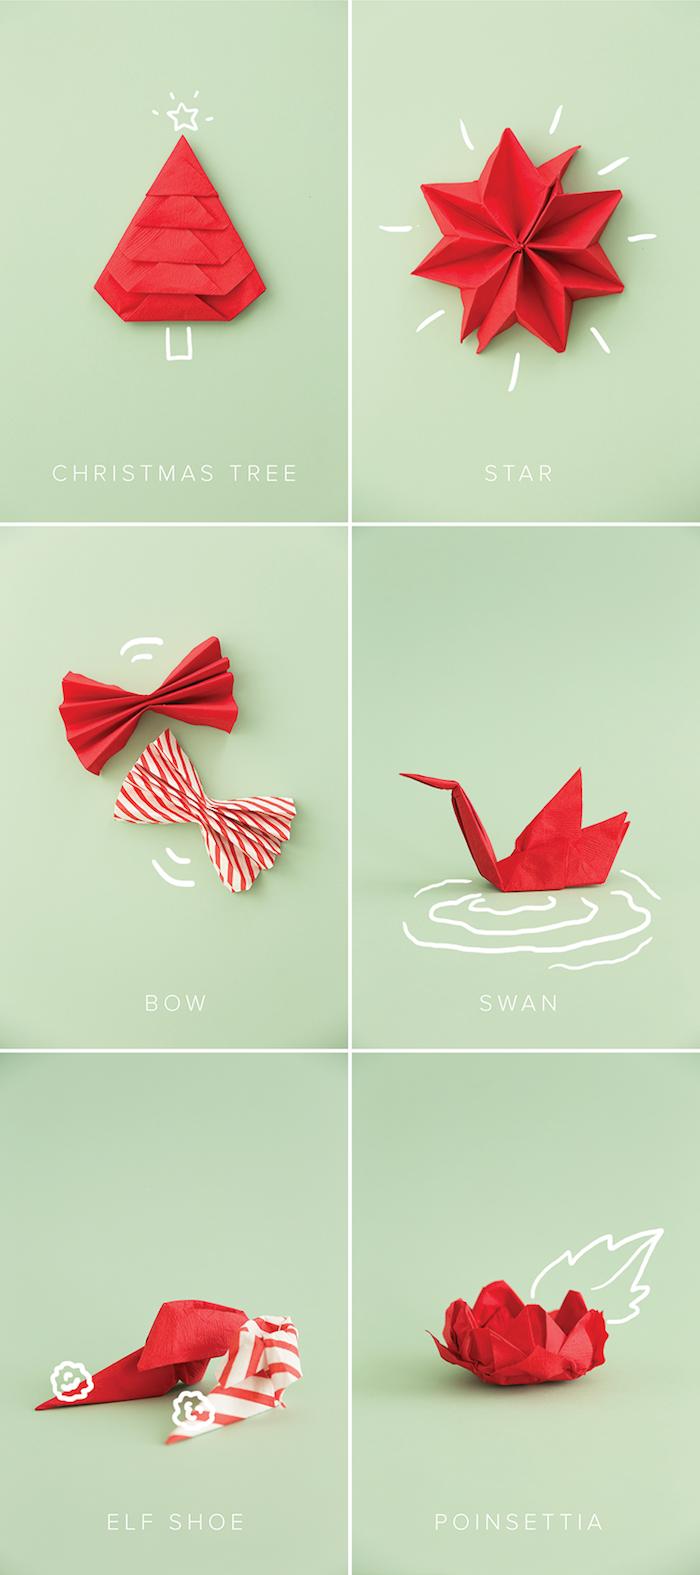 idee pliage de serviette facile de noel, exemple plier serviette de papier rouge en forme sapin de noel, étoie, noeud de papillon, grue, fleur, chaussure d elf